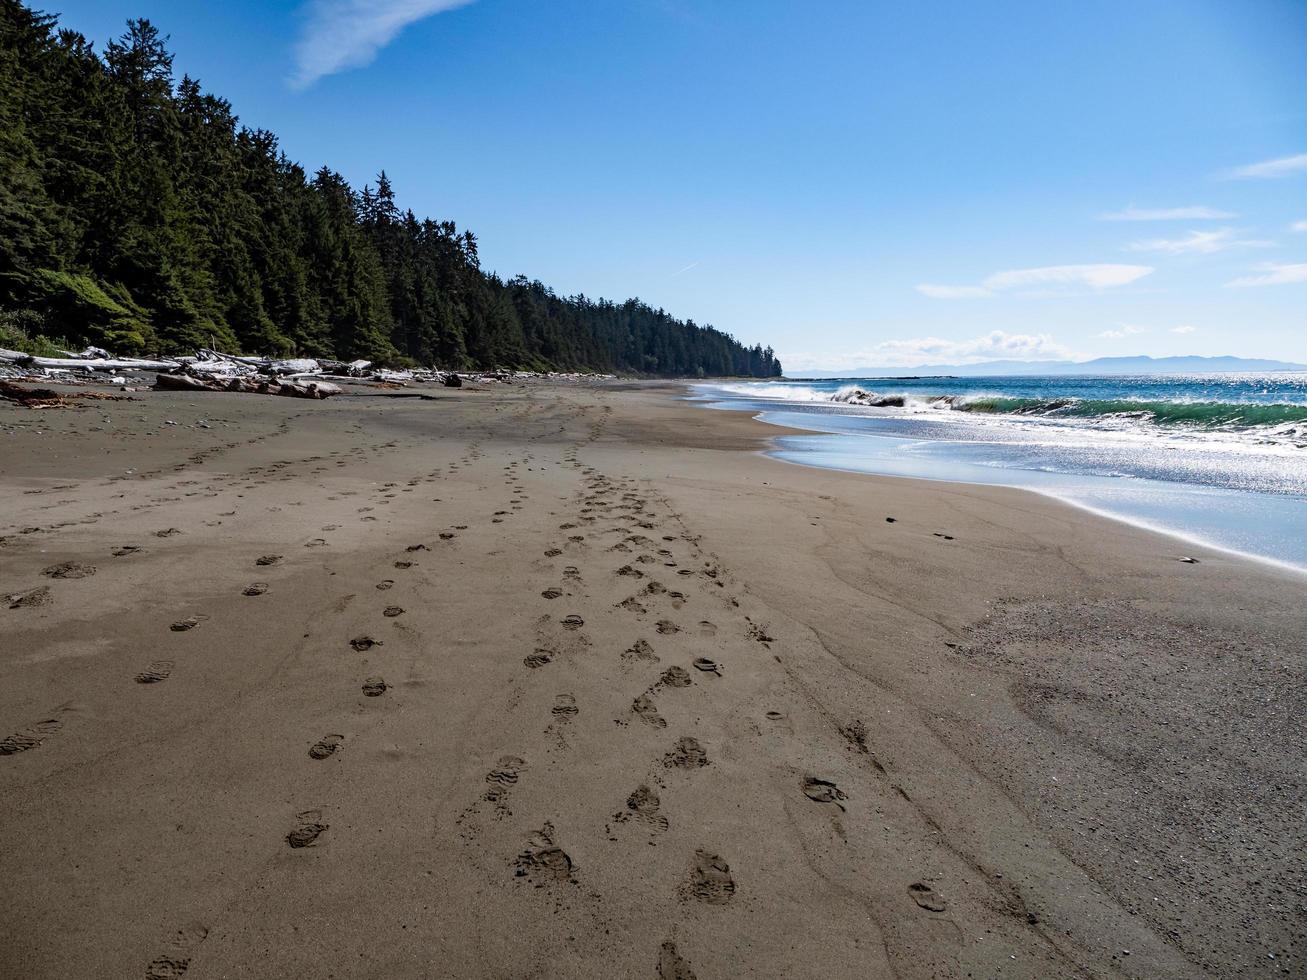 strand kust met groene bomen en blauwe hemel foto